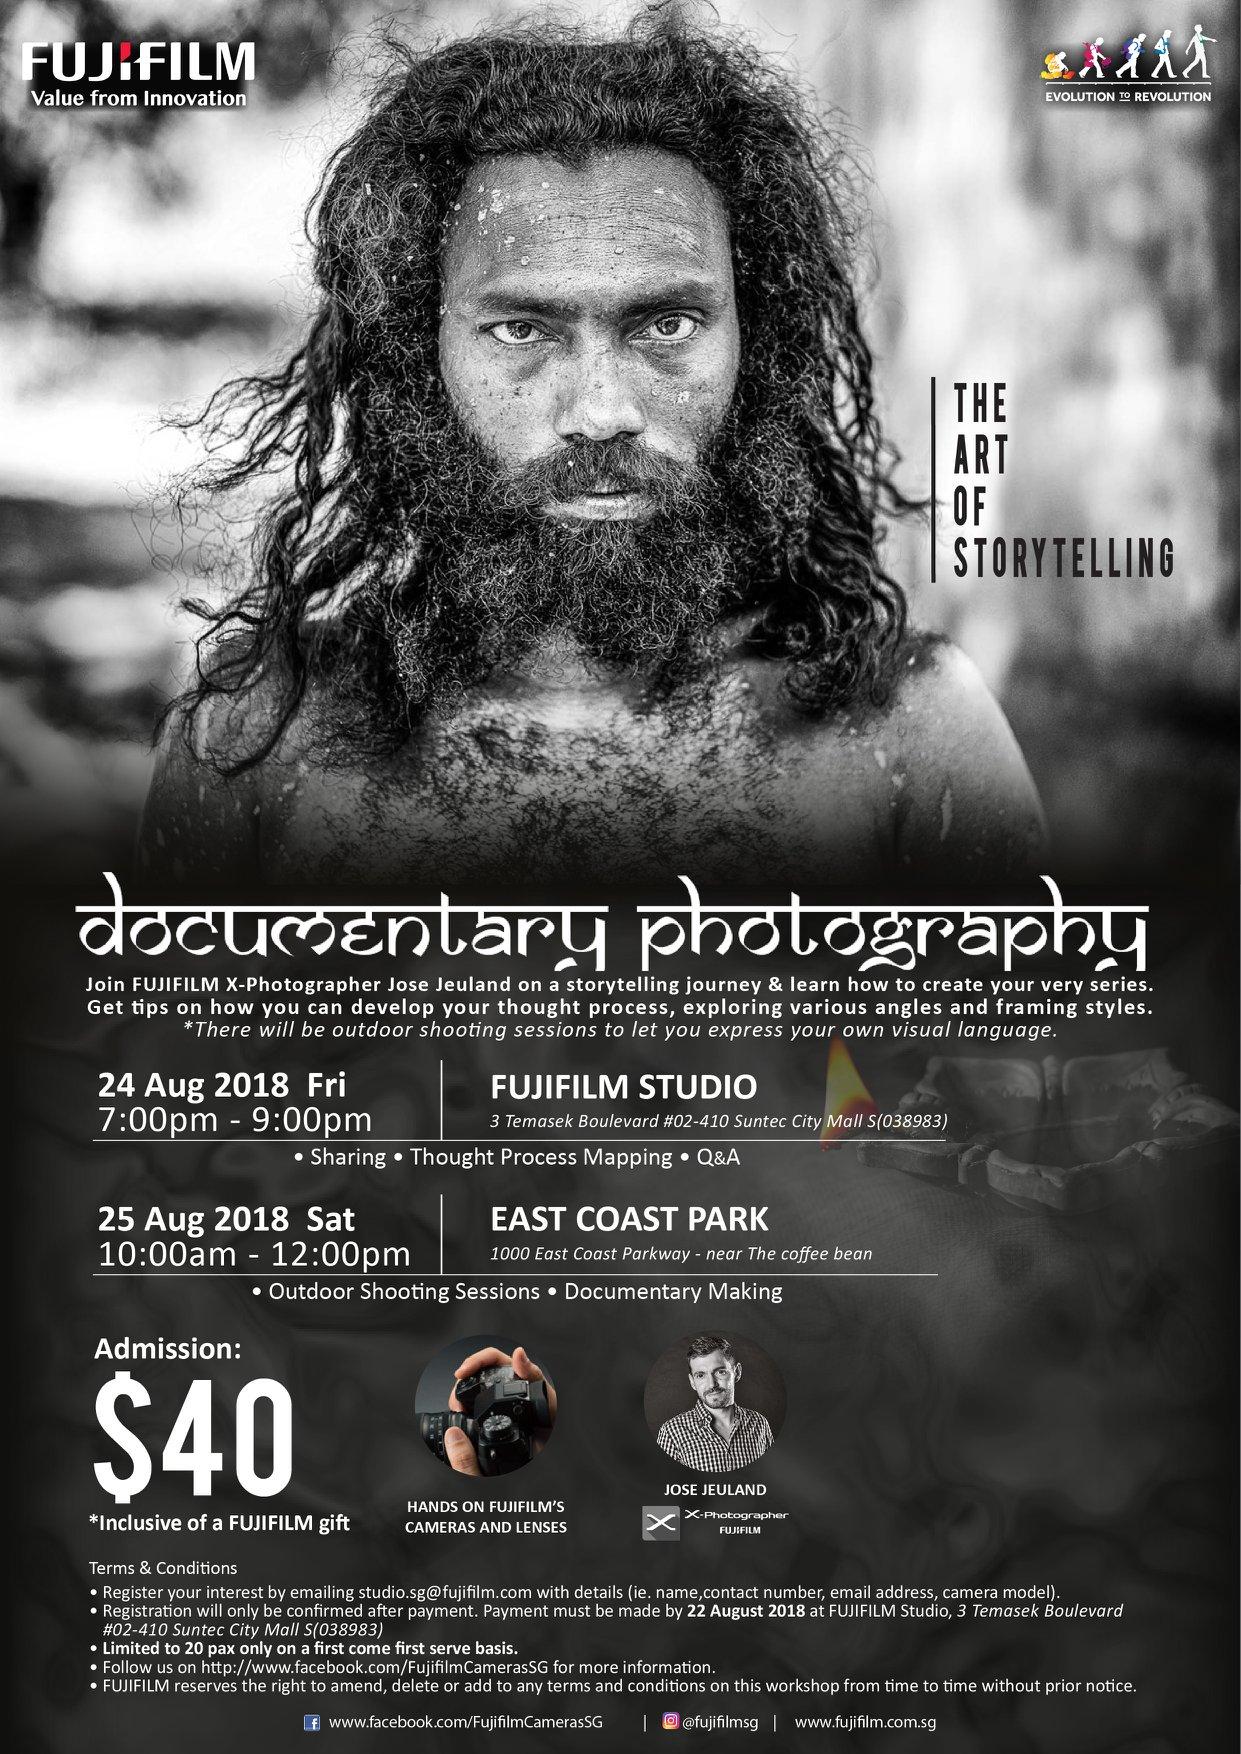 FUJIFILM Photography Workshop Singapore Jose Jeuland